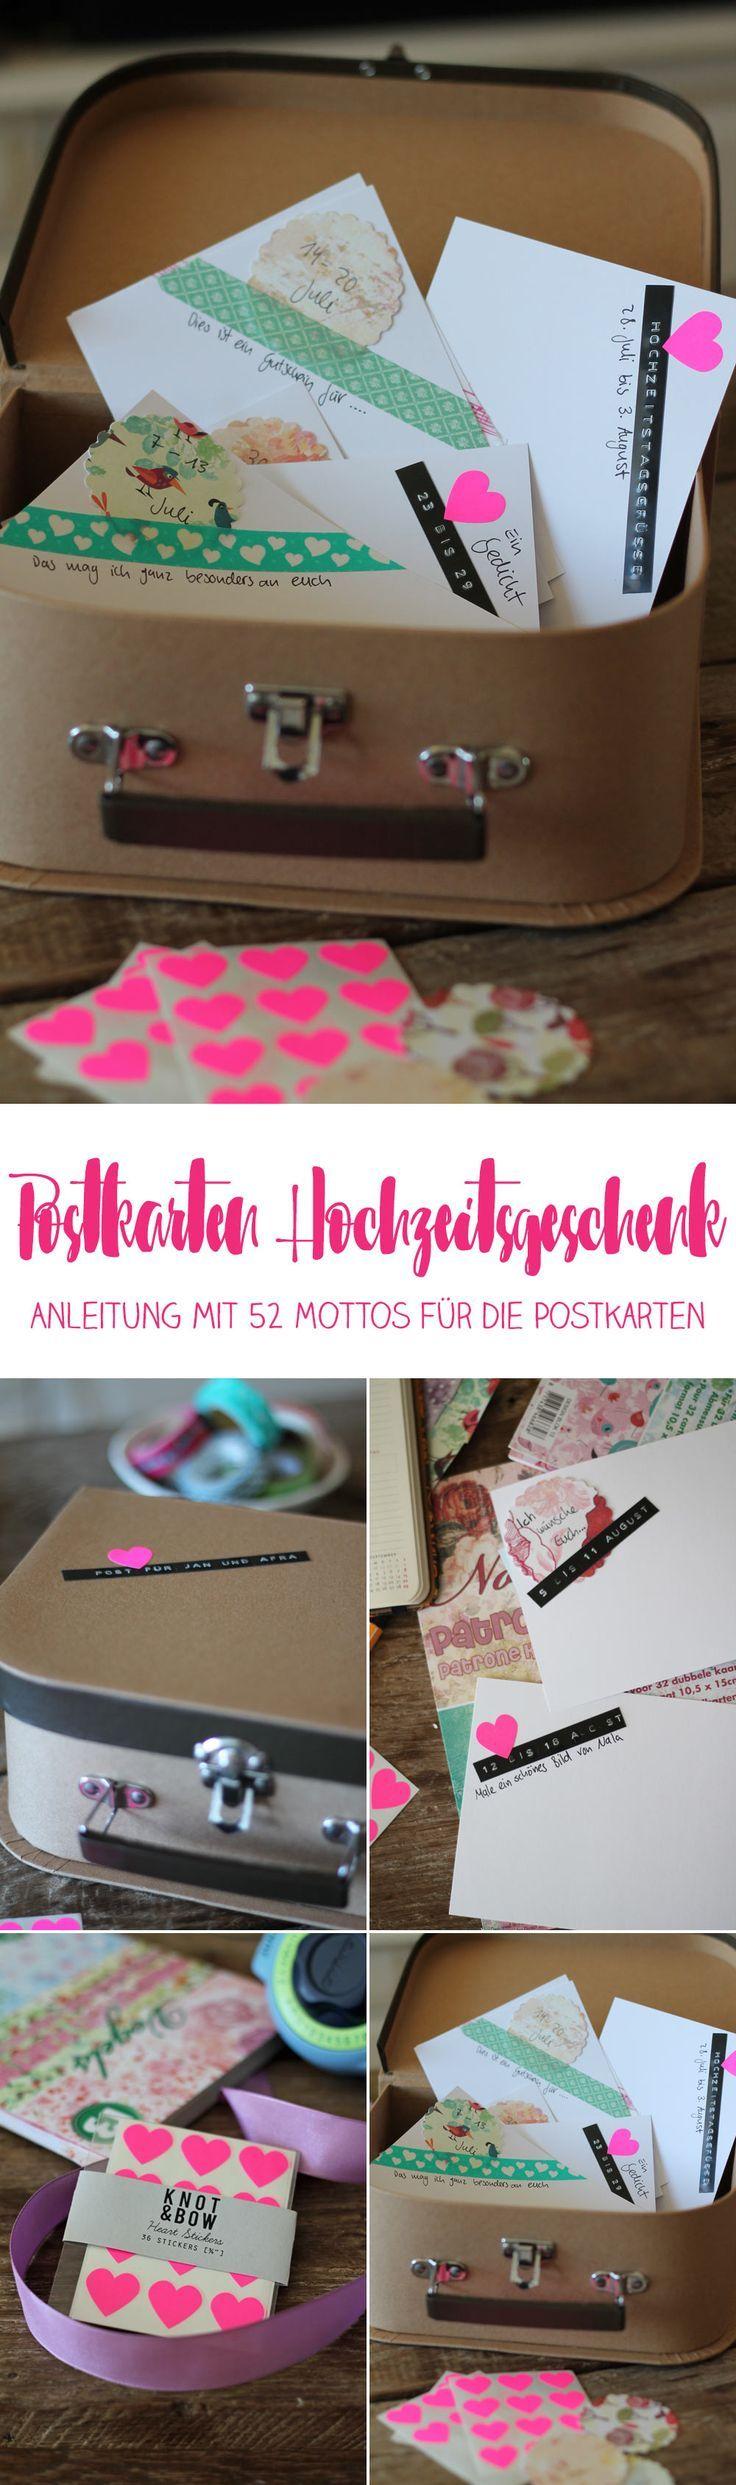 diy postkarten hochzeitsgeschenk originelle geschenkidee postkarten hochzeit